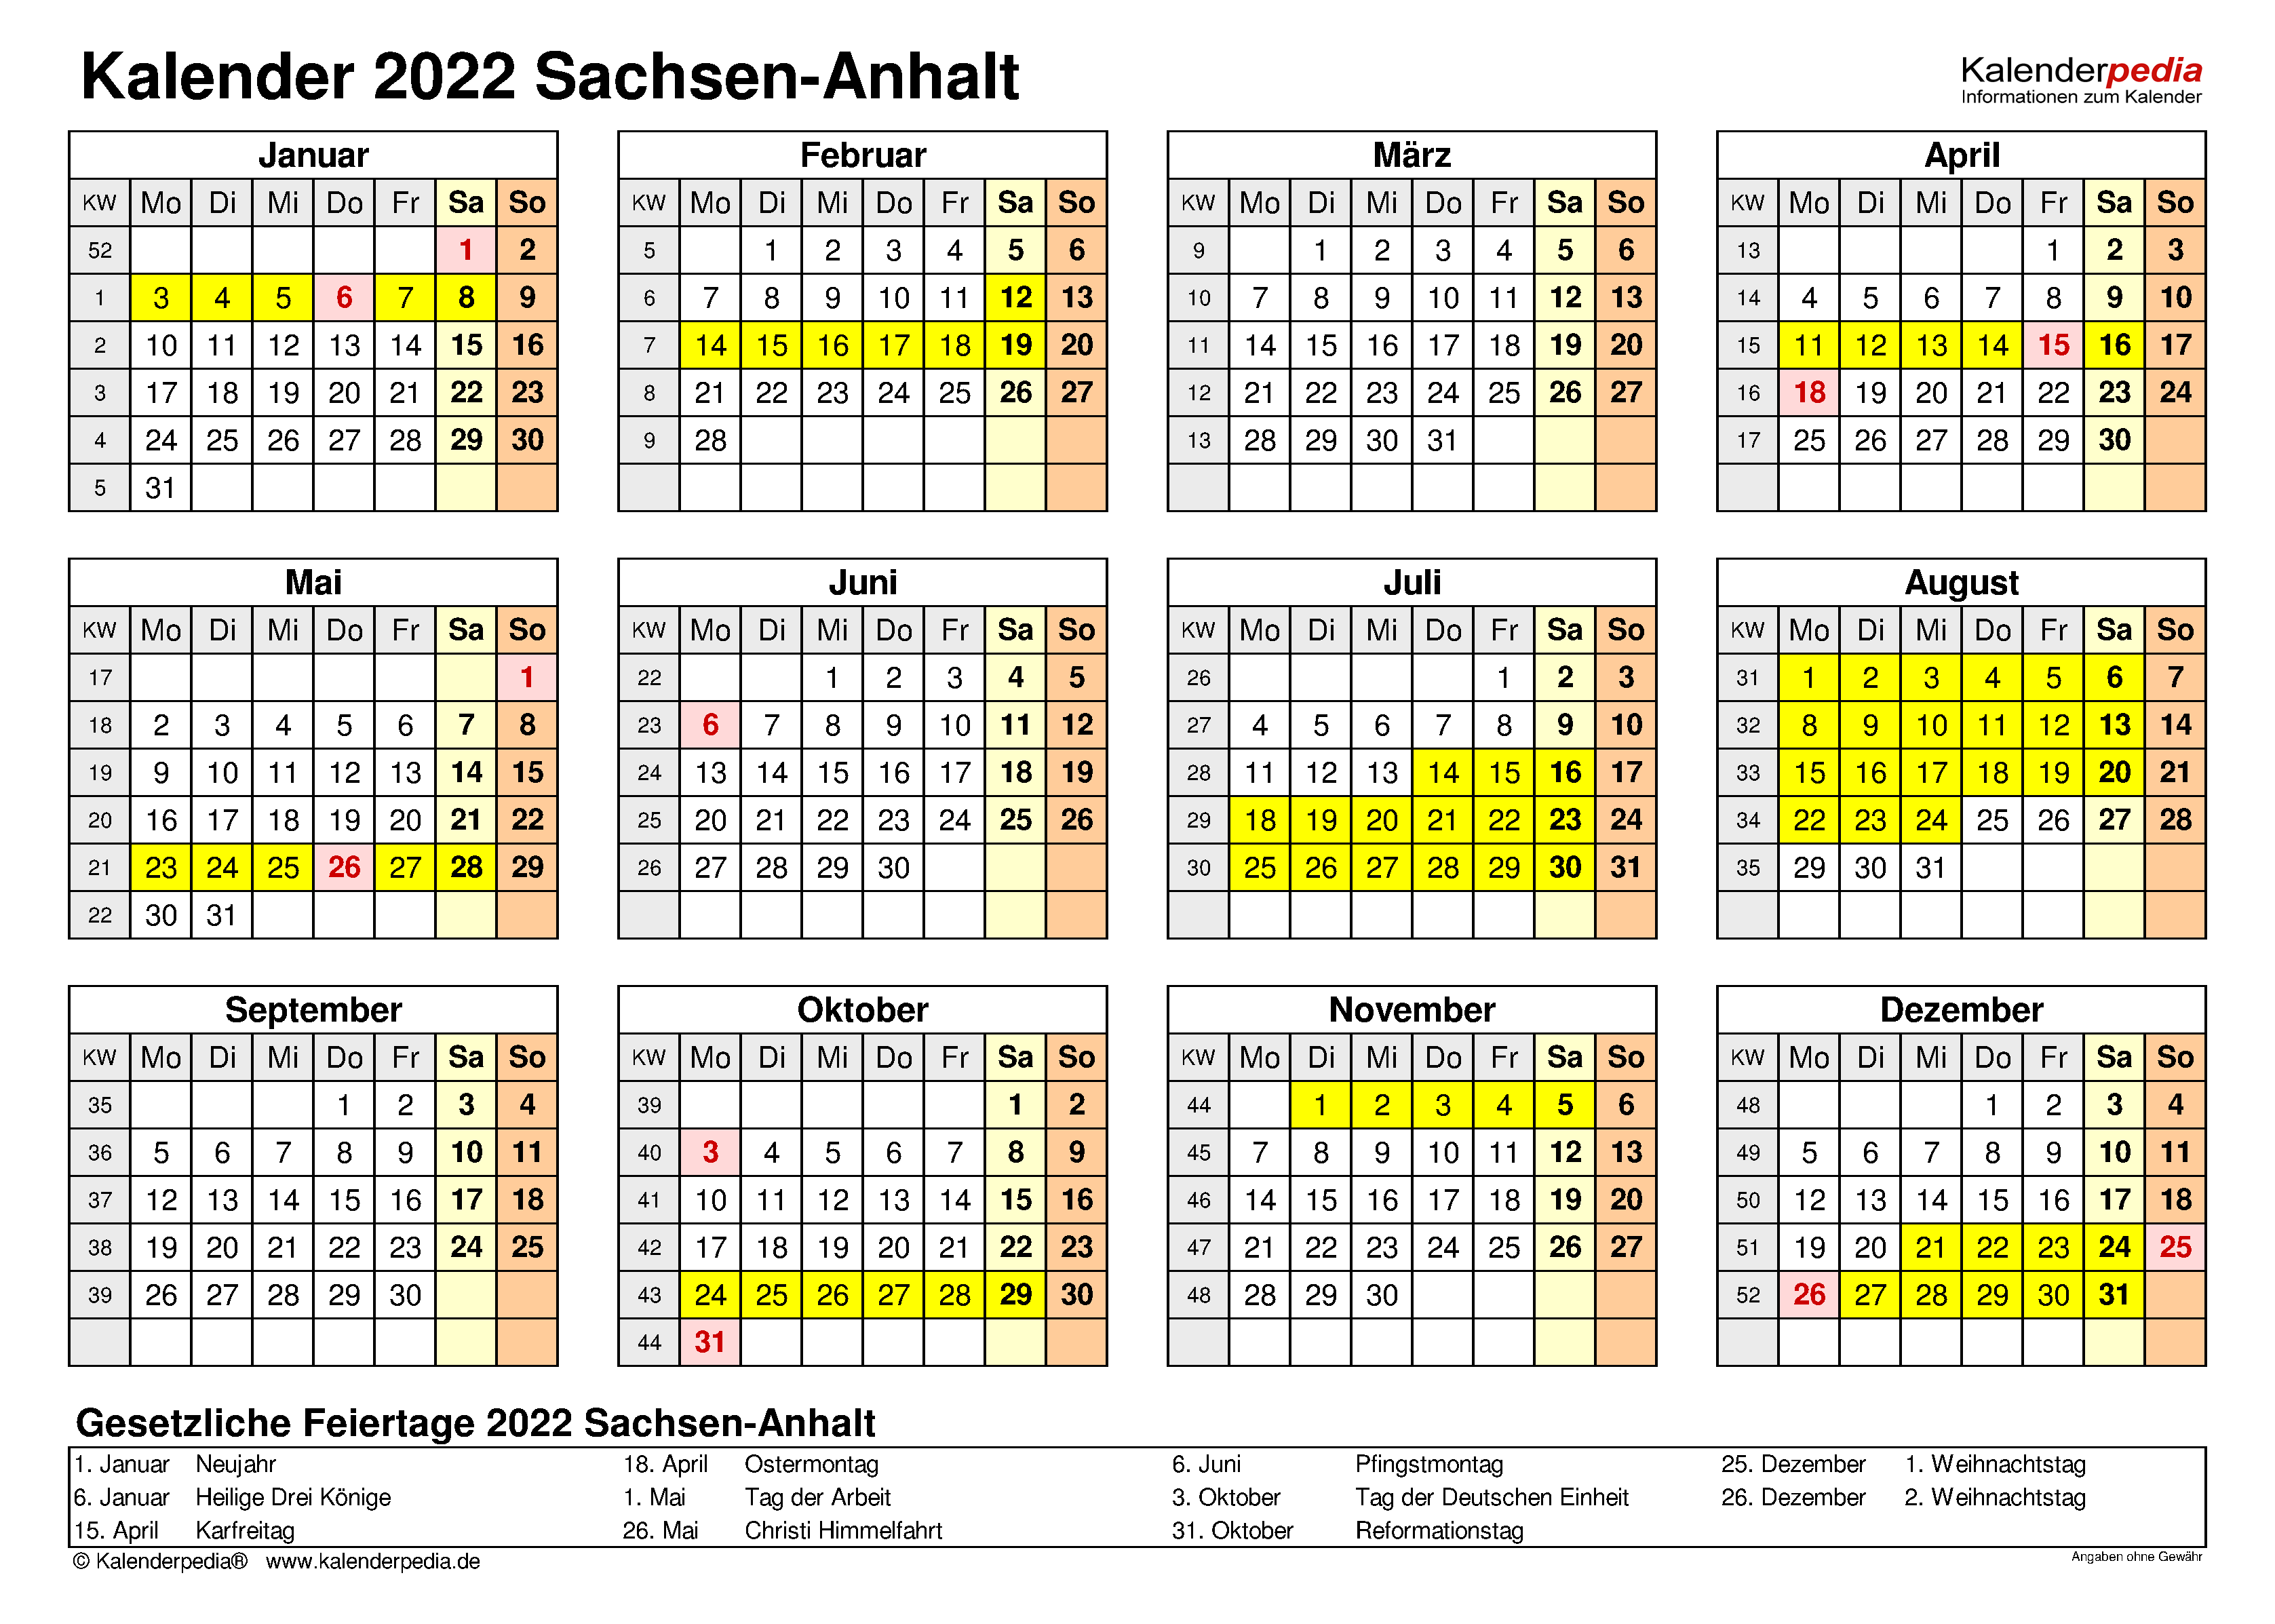 Kalender 2022 Sachsen-Anhalt: Ferien, Feiertage, Word-Vorlagen